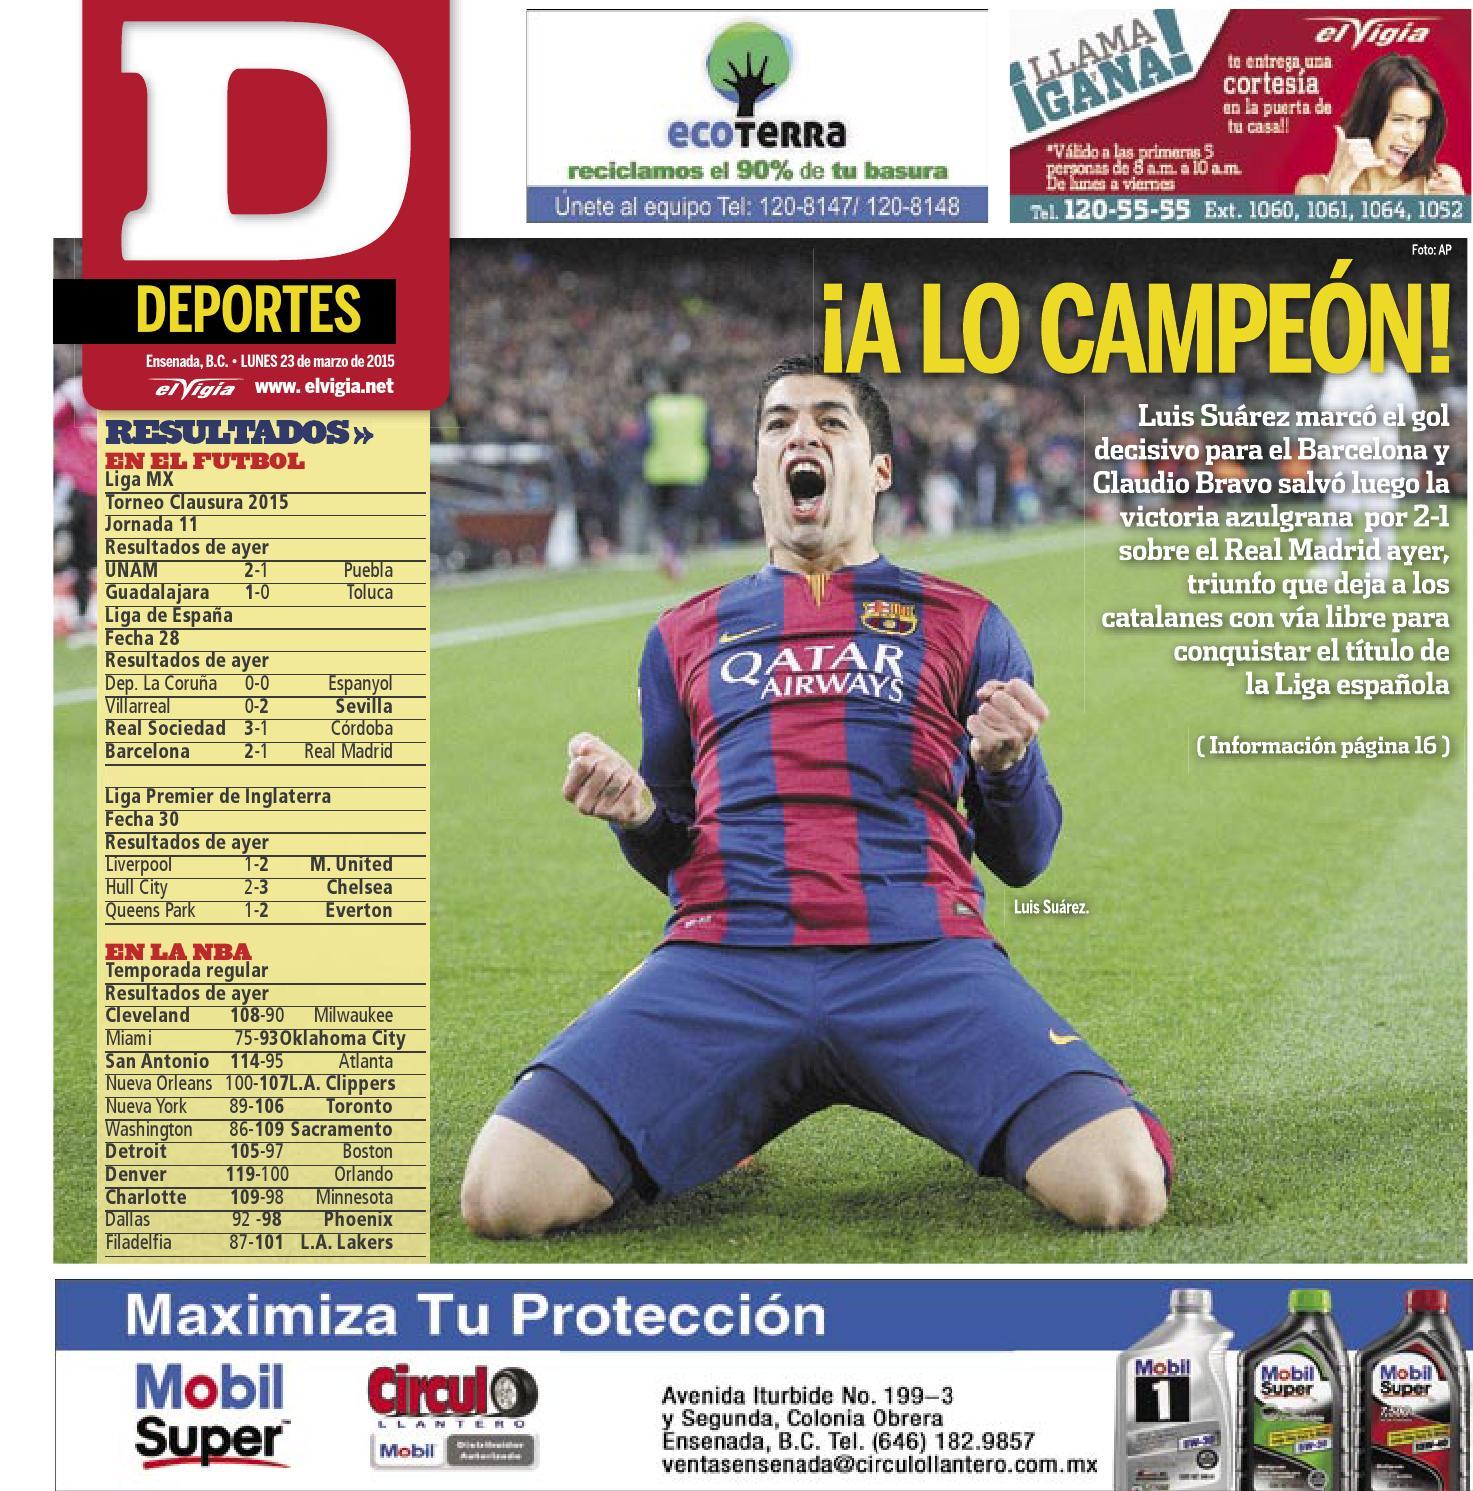 23 03 2015 deportes by Editorial El Vigia - issuu 7606d86d977cc